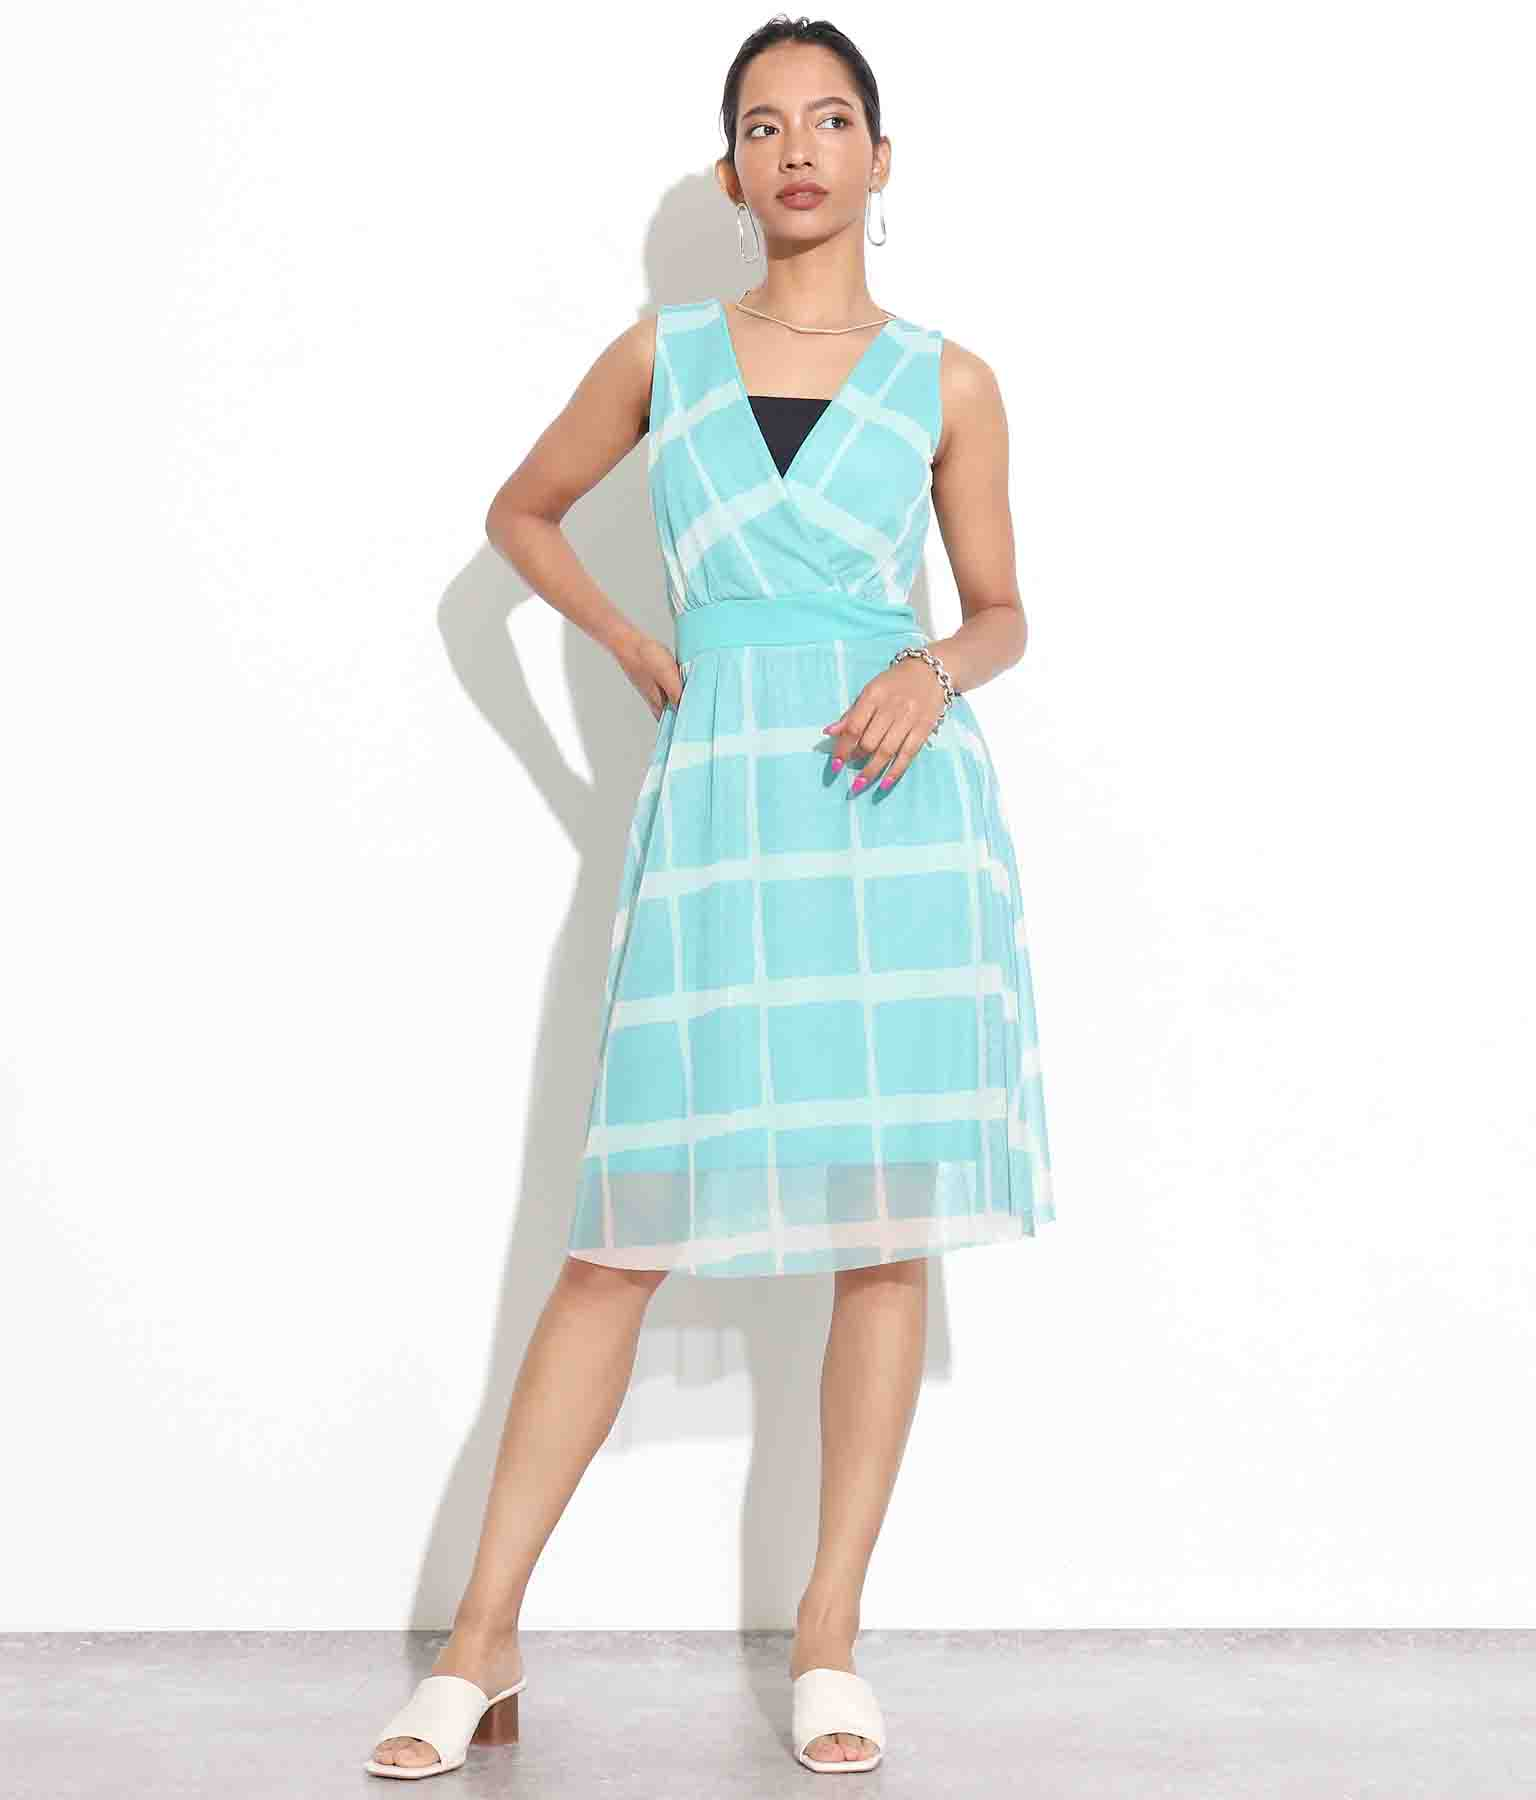 ウィンドウペンチェックカシュクールメッシュワンピース(ワンピース・ドレス/ミディアムワンピ) | Settimissimo